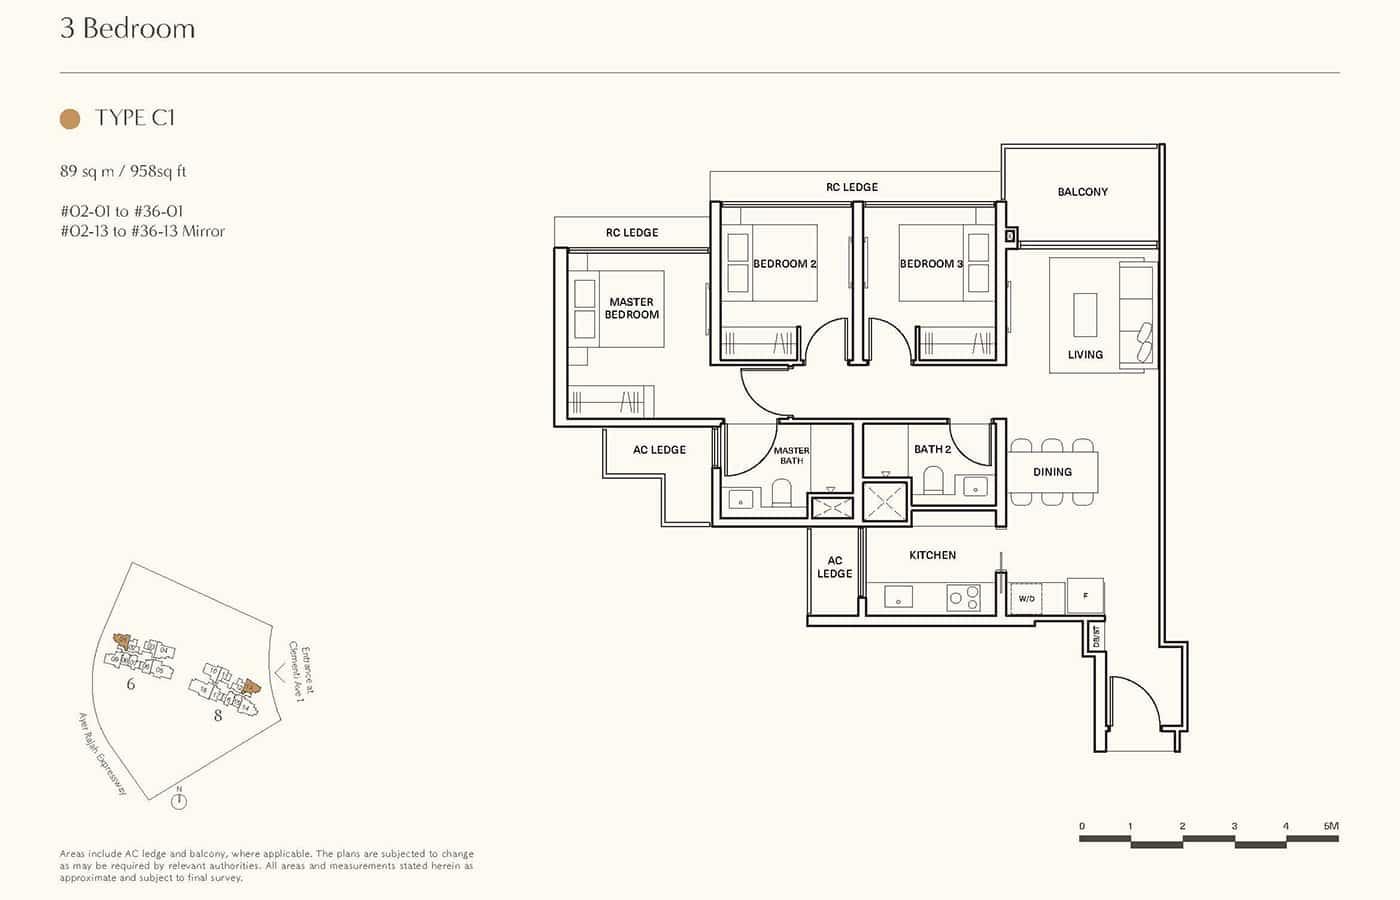 Clavon Condo Floor Plans - 3 Bedroom C1